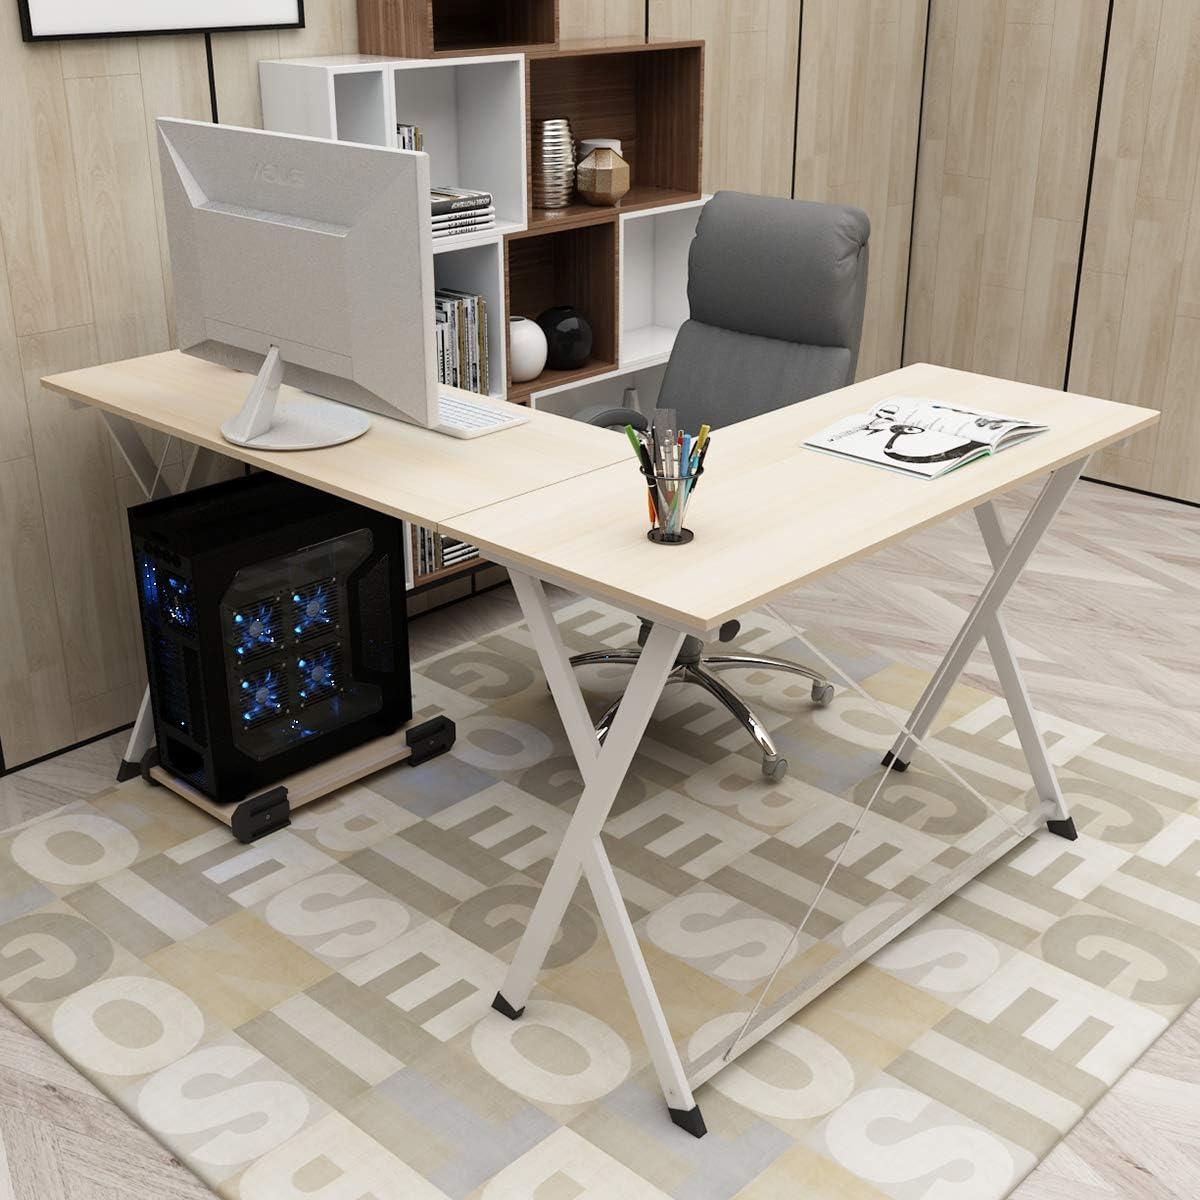 DlandHome L Mesa Escritorio de la computadora 120cm+110cm, Ordenador Portátil para PC Estación de Trabajo de Estudio Mesa de Esquina con CPU Stand, Maple: Amazon.es: Hogar